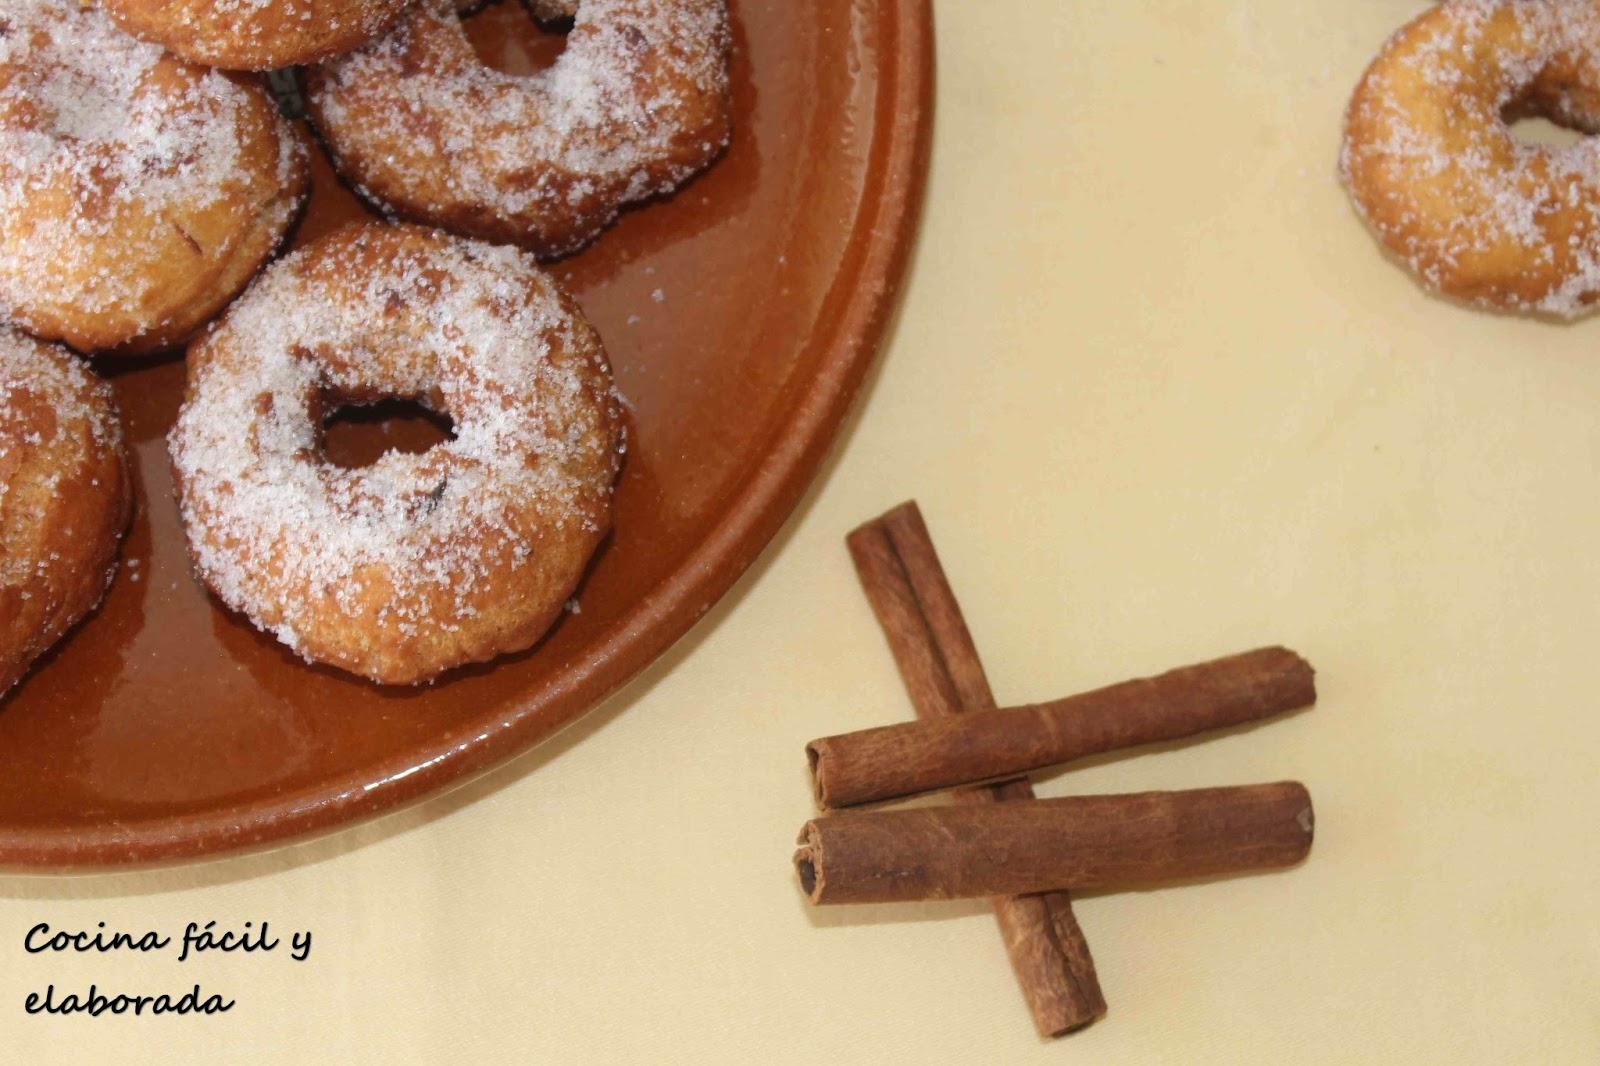 Cocina facil y elaborada rosquillas de anis receta casera for Cocina casera facil y economica